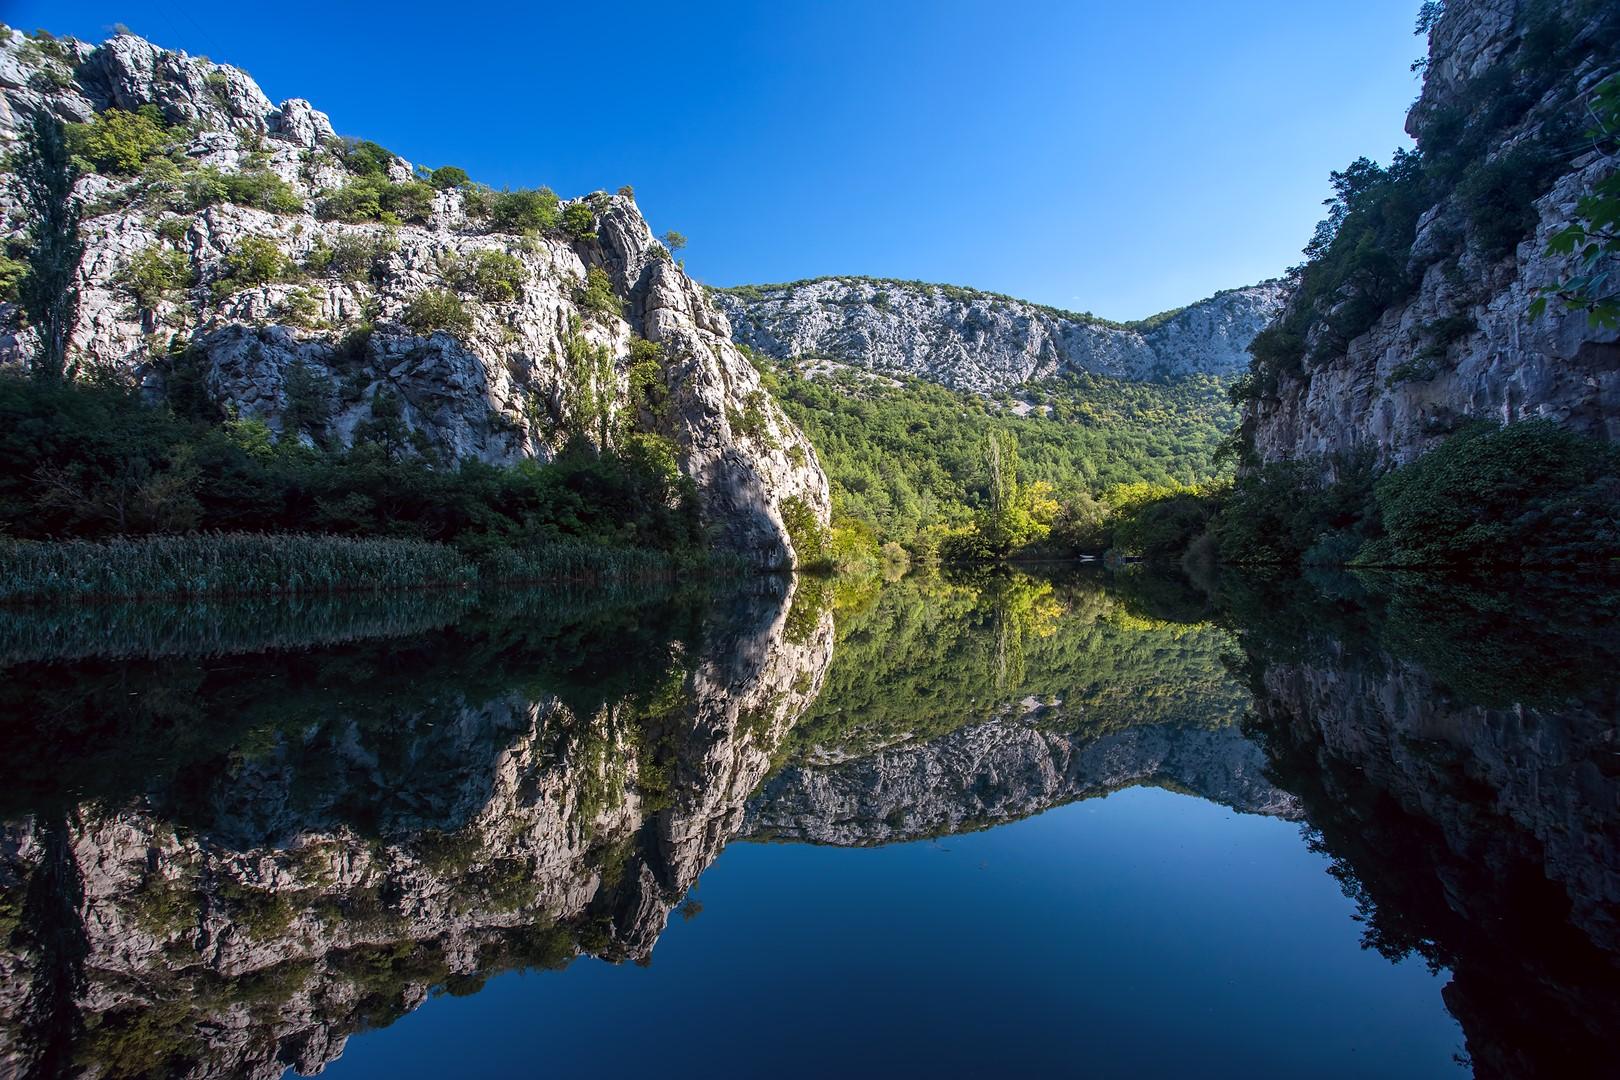 Ferienhaus Privater Pool 3,5 x 8,6 m, überdachter Essbereich im Freien, kostenloses WLAN, voll - klim (2663850), Kostanje, , Dalmatien, Kroatien, Bild 43